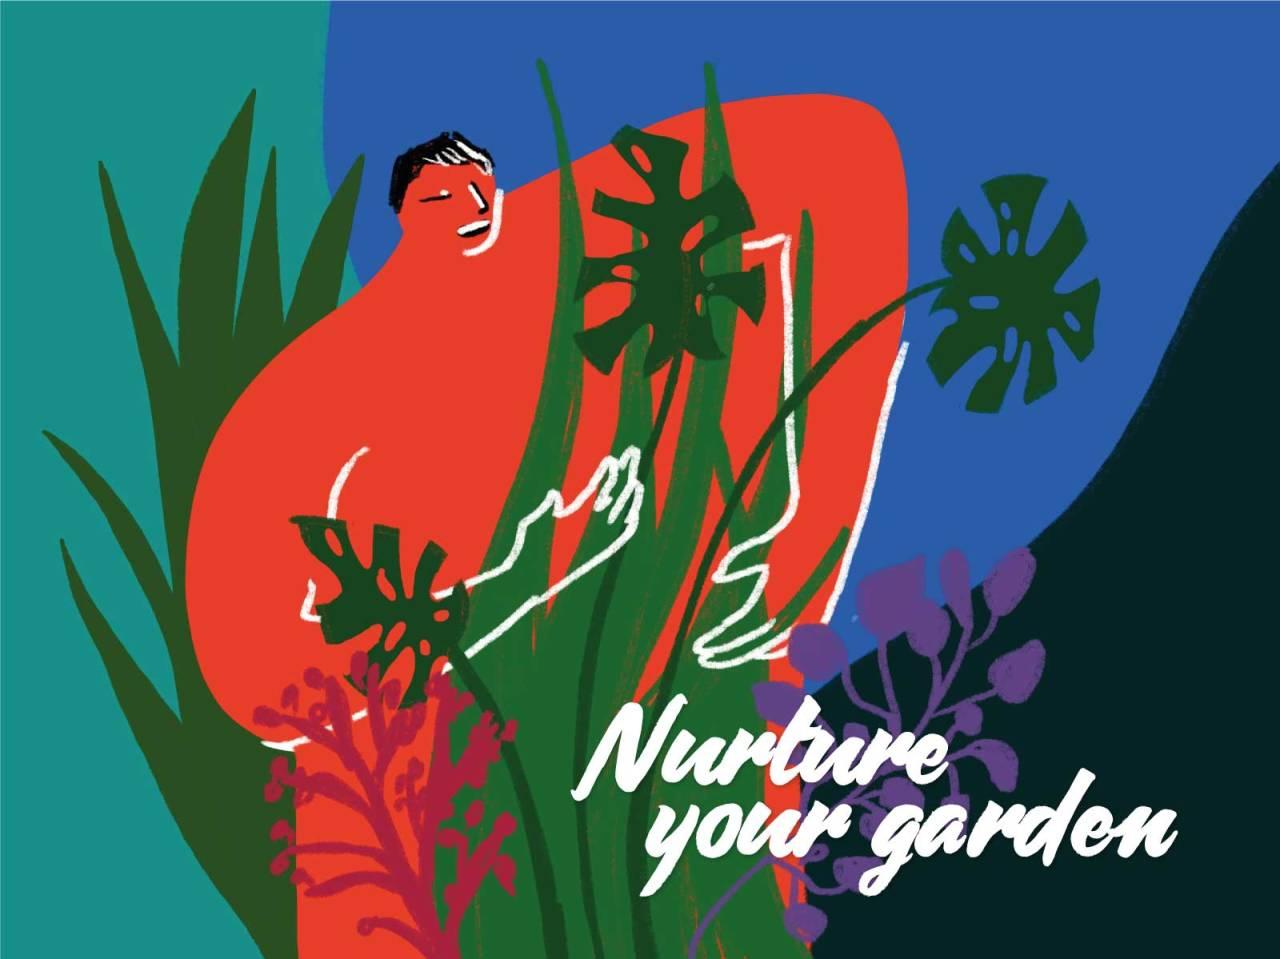 Nurture your garden. #illustration#garden#nurture#nature#lovegreen#greenlove#plantlover#naturelover#illo#gardening #illustrators on tumblr #illustrator#dibujante#ilustración#naturaleza #amantes de la naturaleza #Plantas#amor#jardín#jardinero#gardener#nutrir